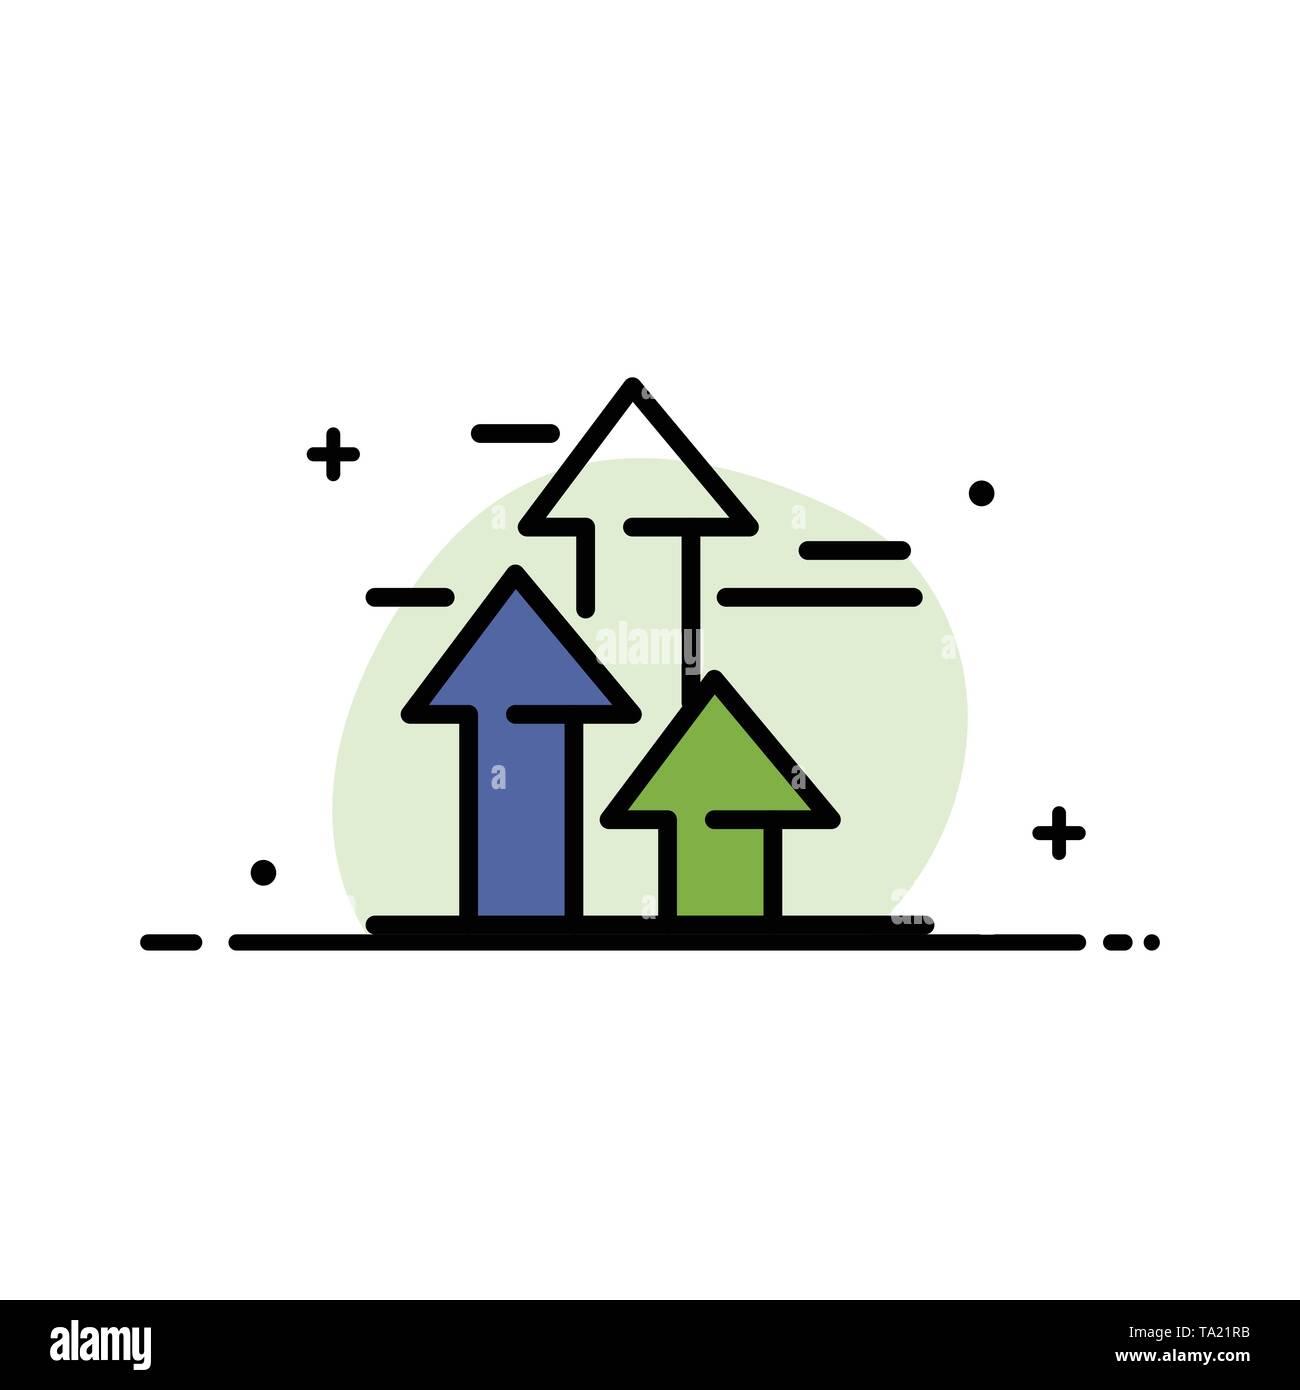 Pfeile, Break, Brechen, Vorwärts, Grenzen Business Flat Line gefüllt Symbol Vektor Banner Vorlage Stockbild